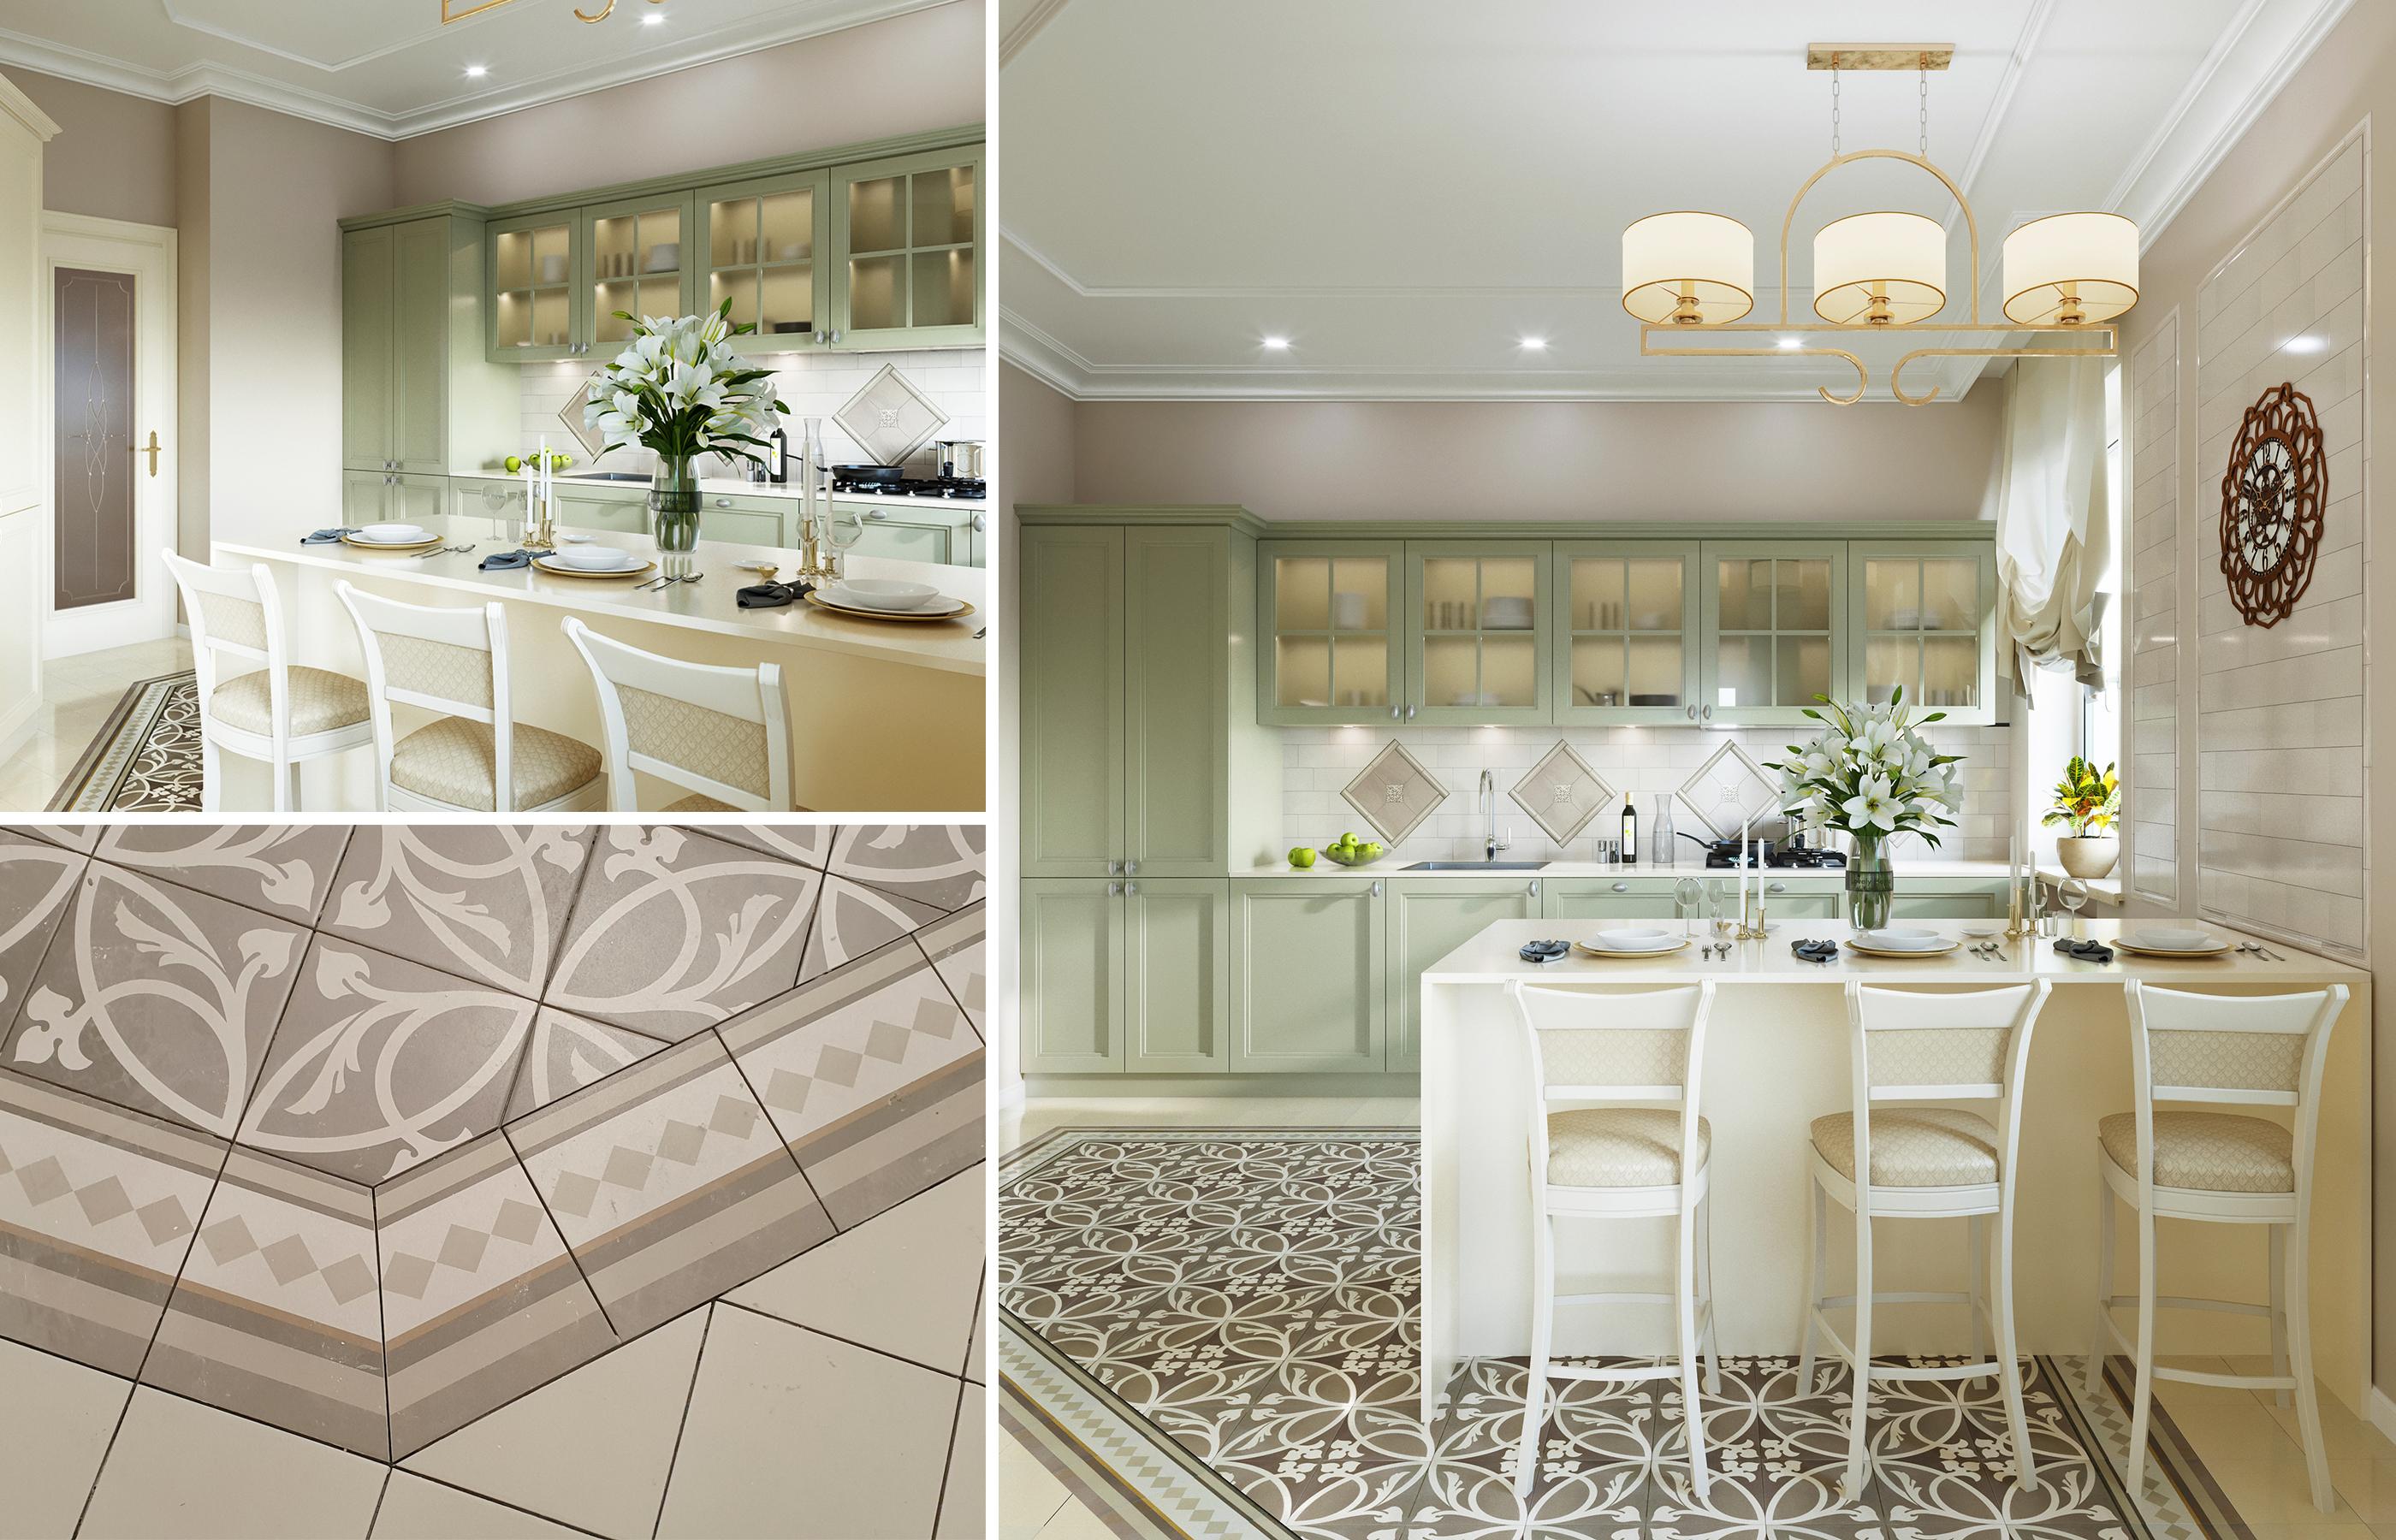 Пол выложен плиткой со сложным растительным орнаментом. Сложная геометрия напольного рисунка требует особой точности при укладке плитки.